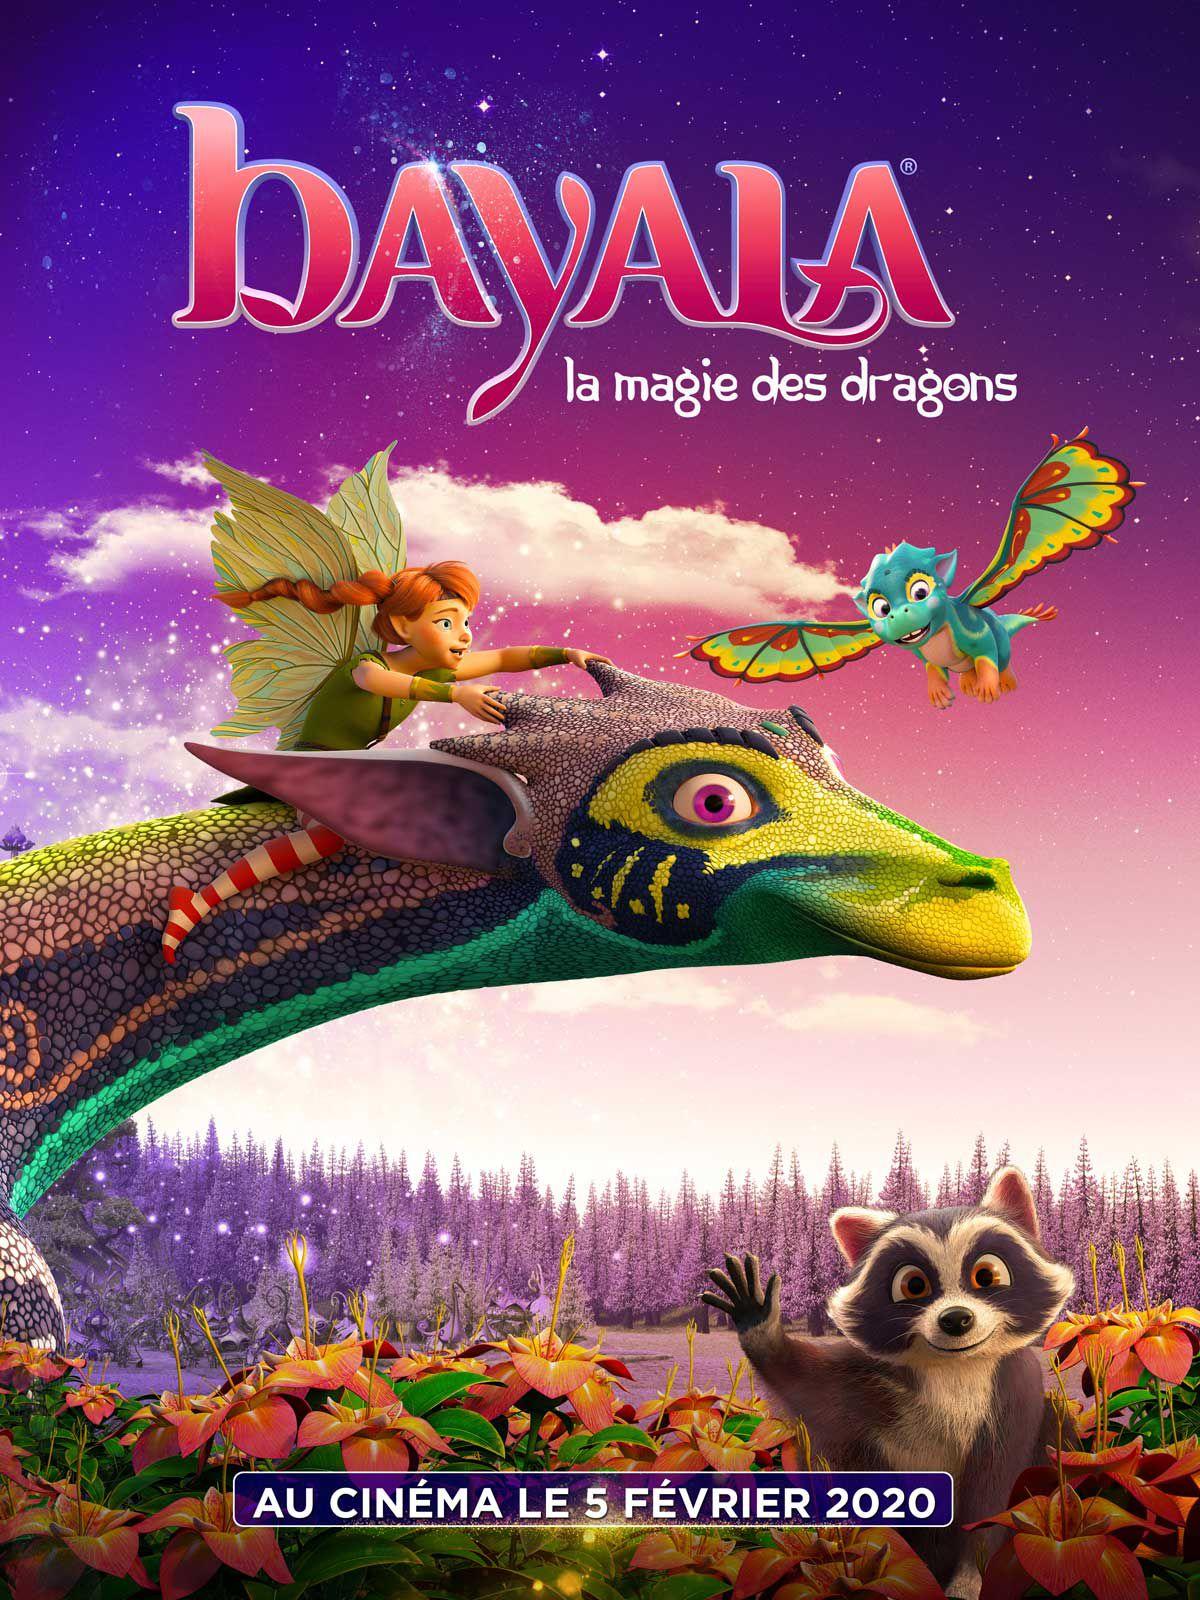 Bayala - Film (2020)